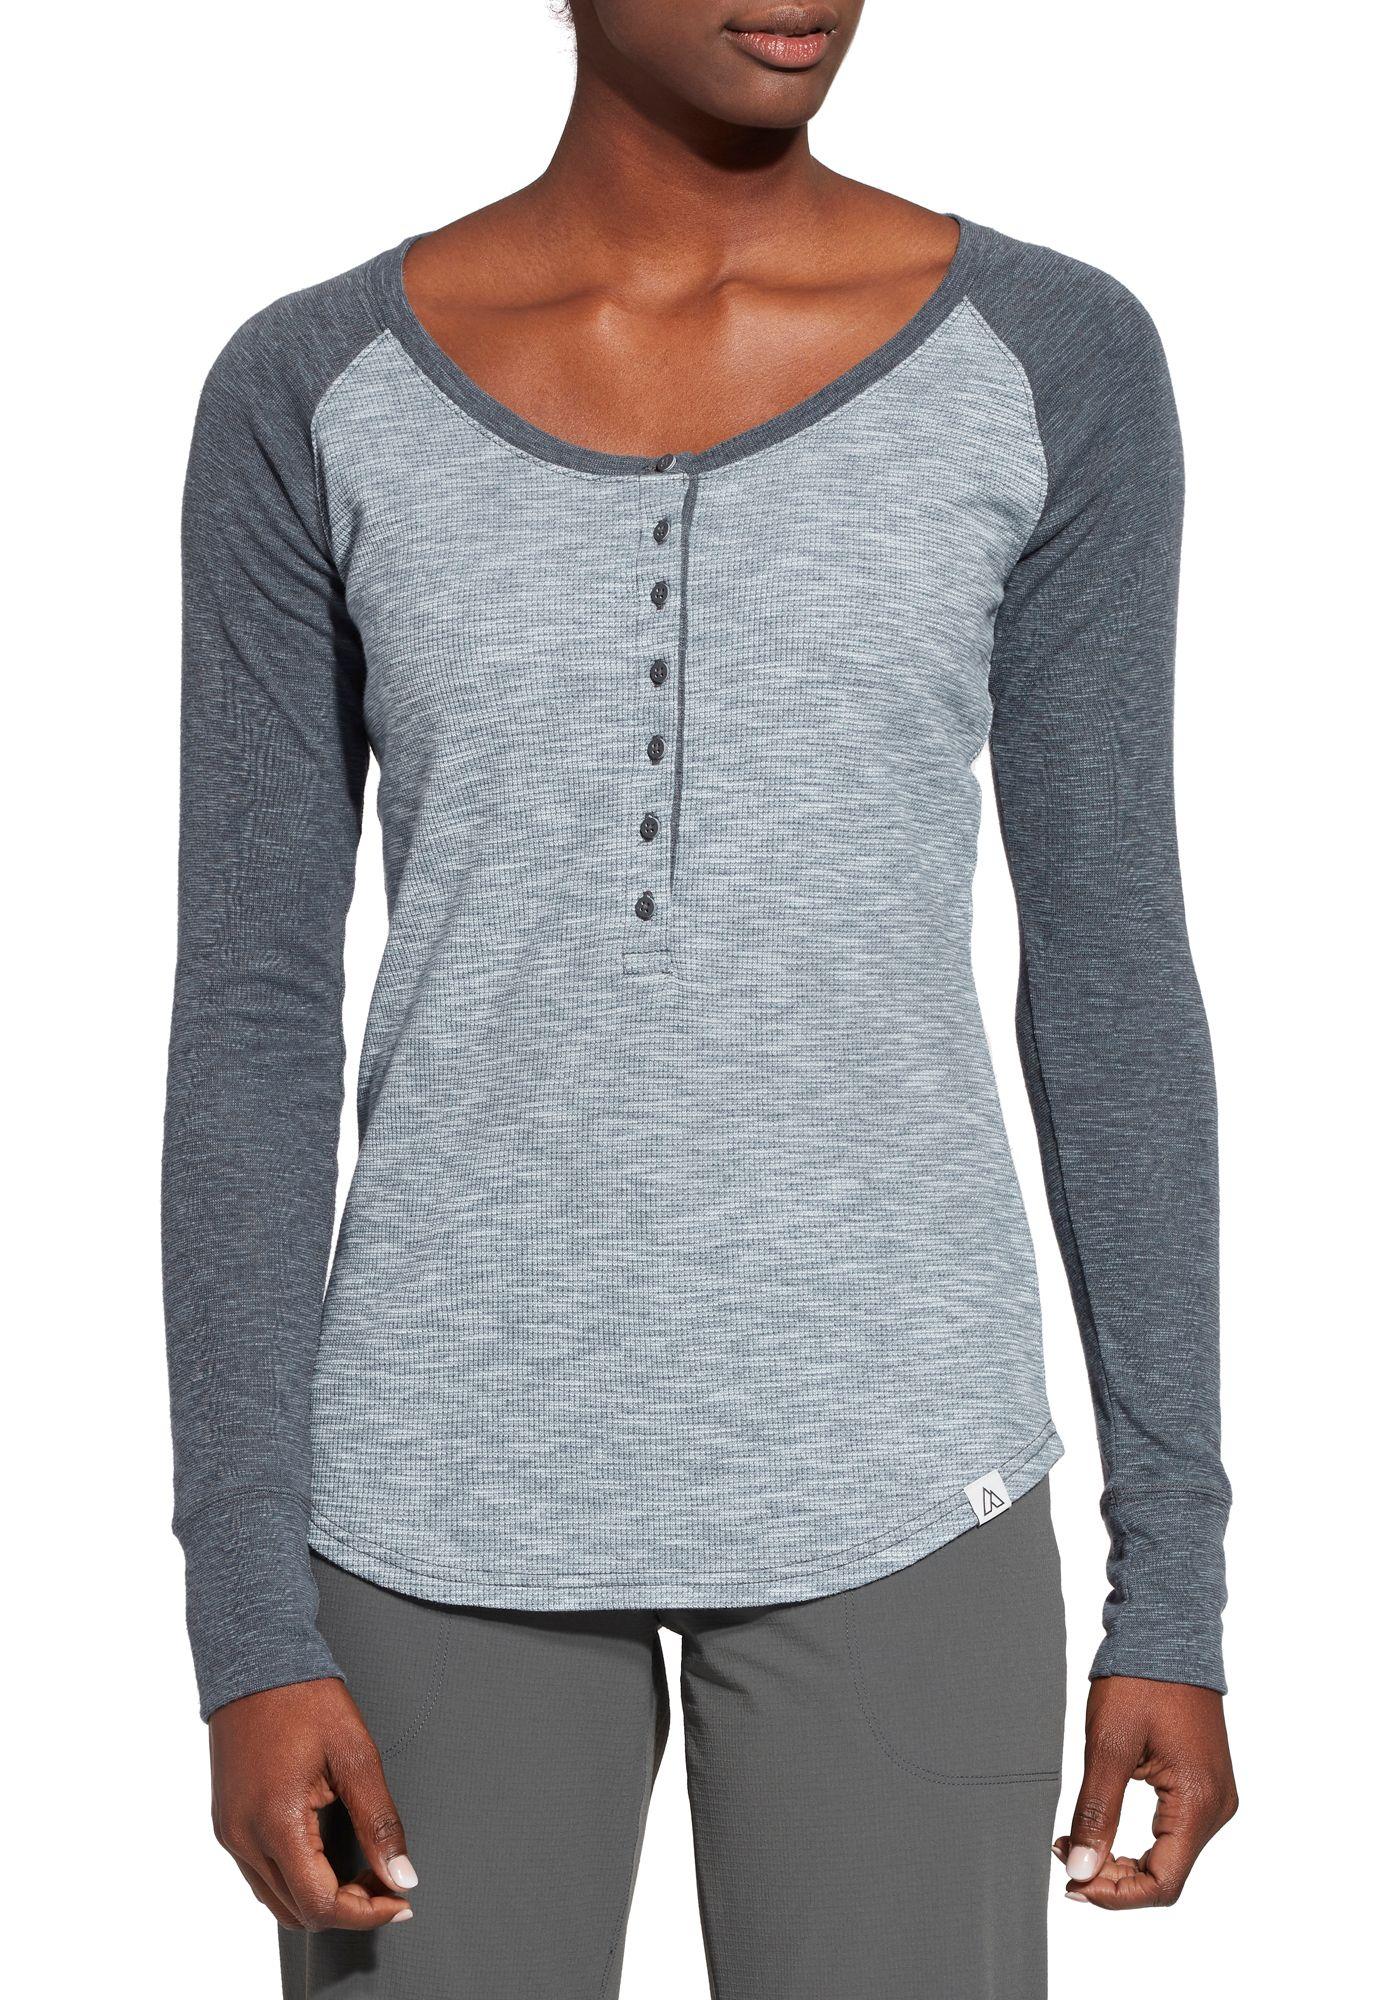 Alpine Design Women's Henley Long Sleeve Shirt